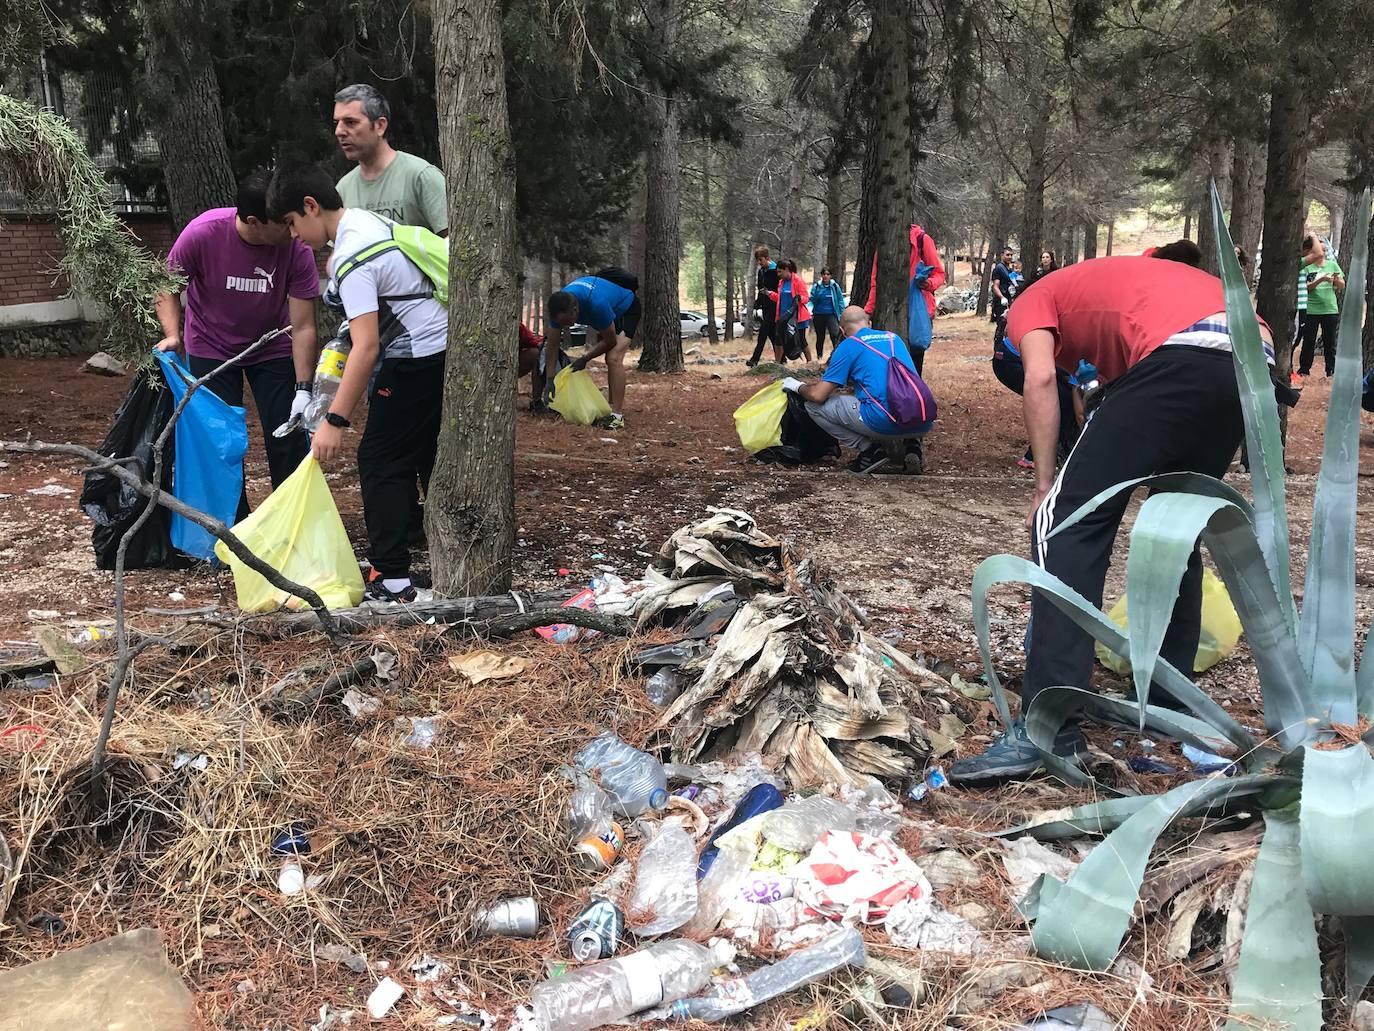 40 voluntarios limpian el parque del Cerro de Santa Catalina